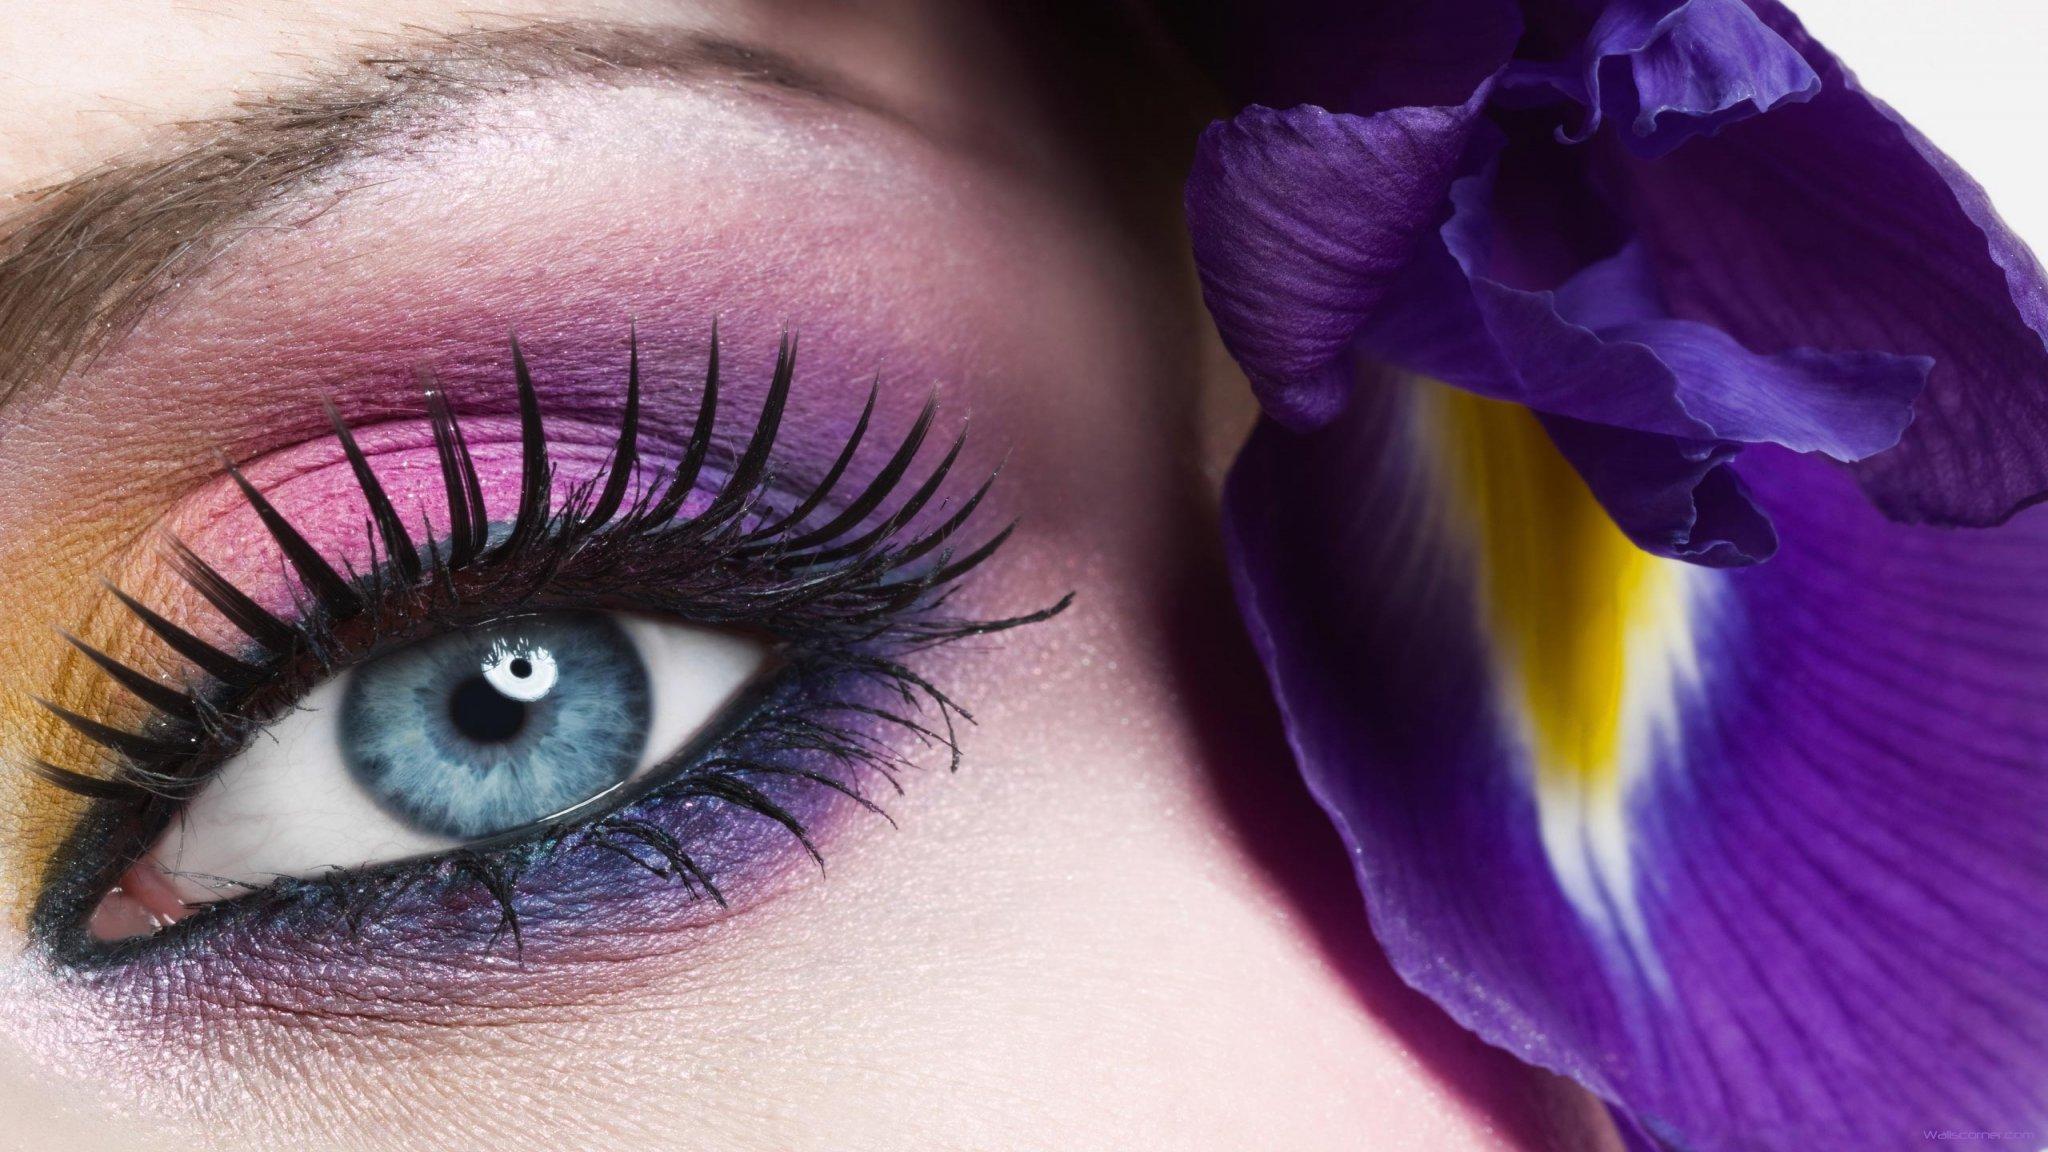 other resolutions of cute eye beauty cute eye hd wallpaper wallpaper 2048x1152